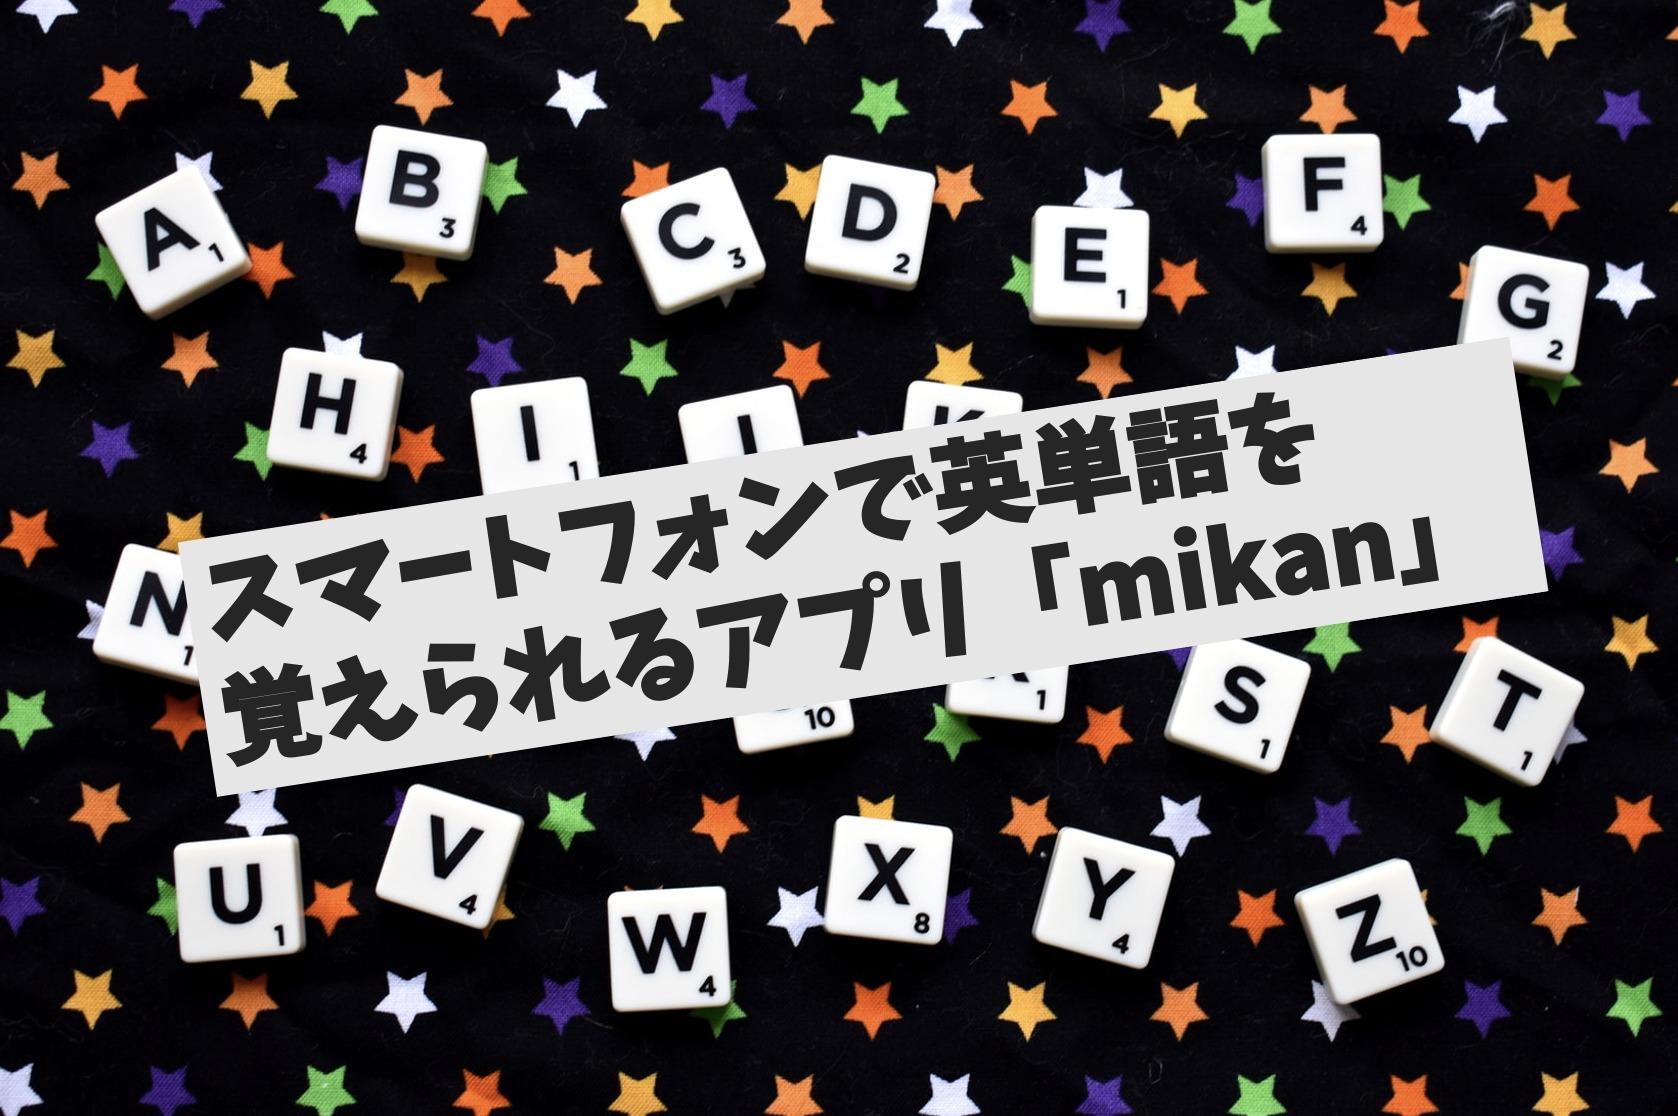 スマートフォンで英単語を覚えられるアプリ「mikan」